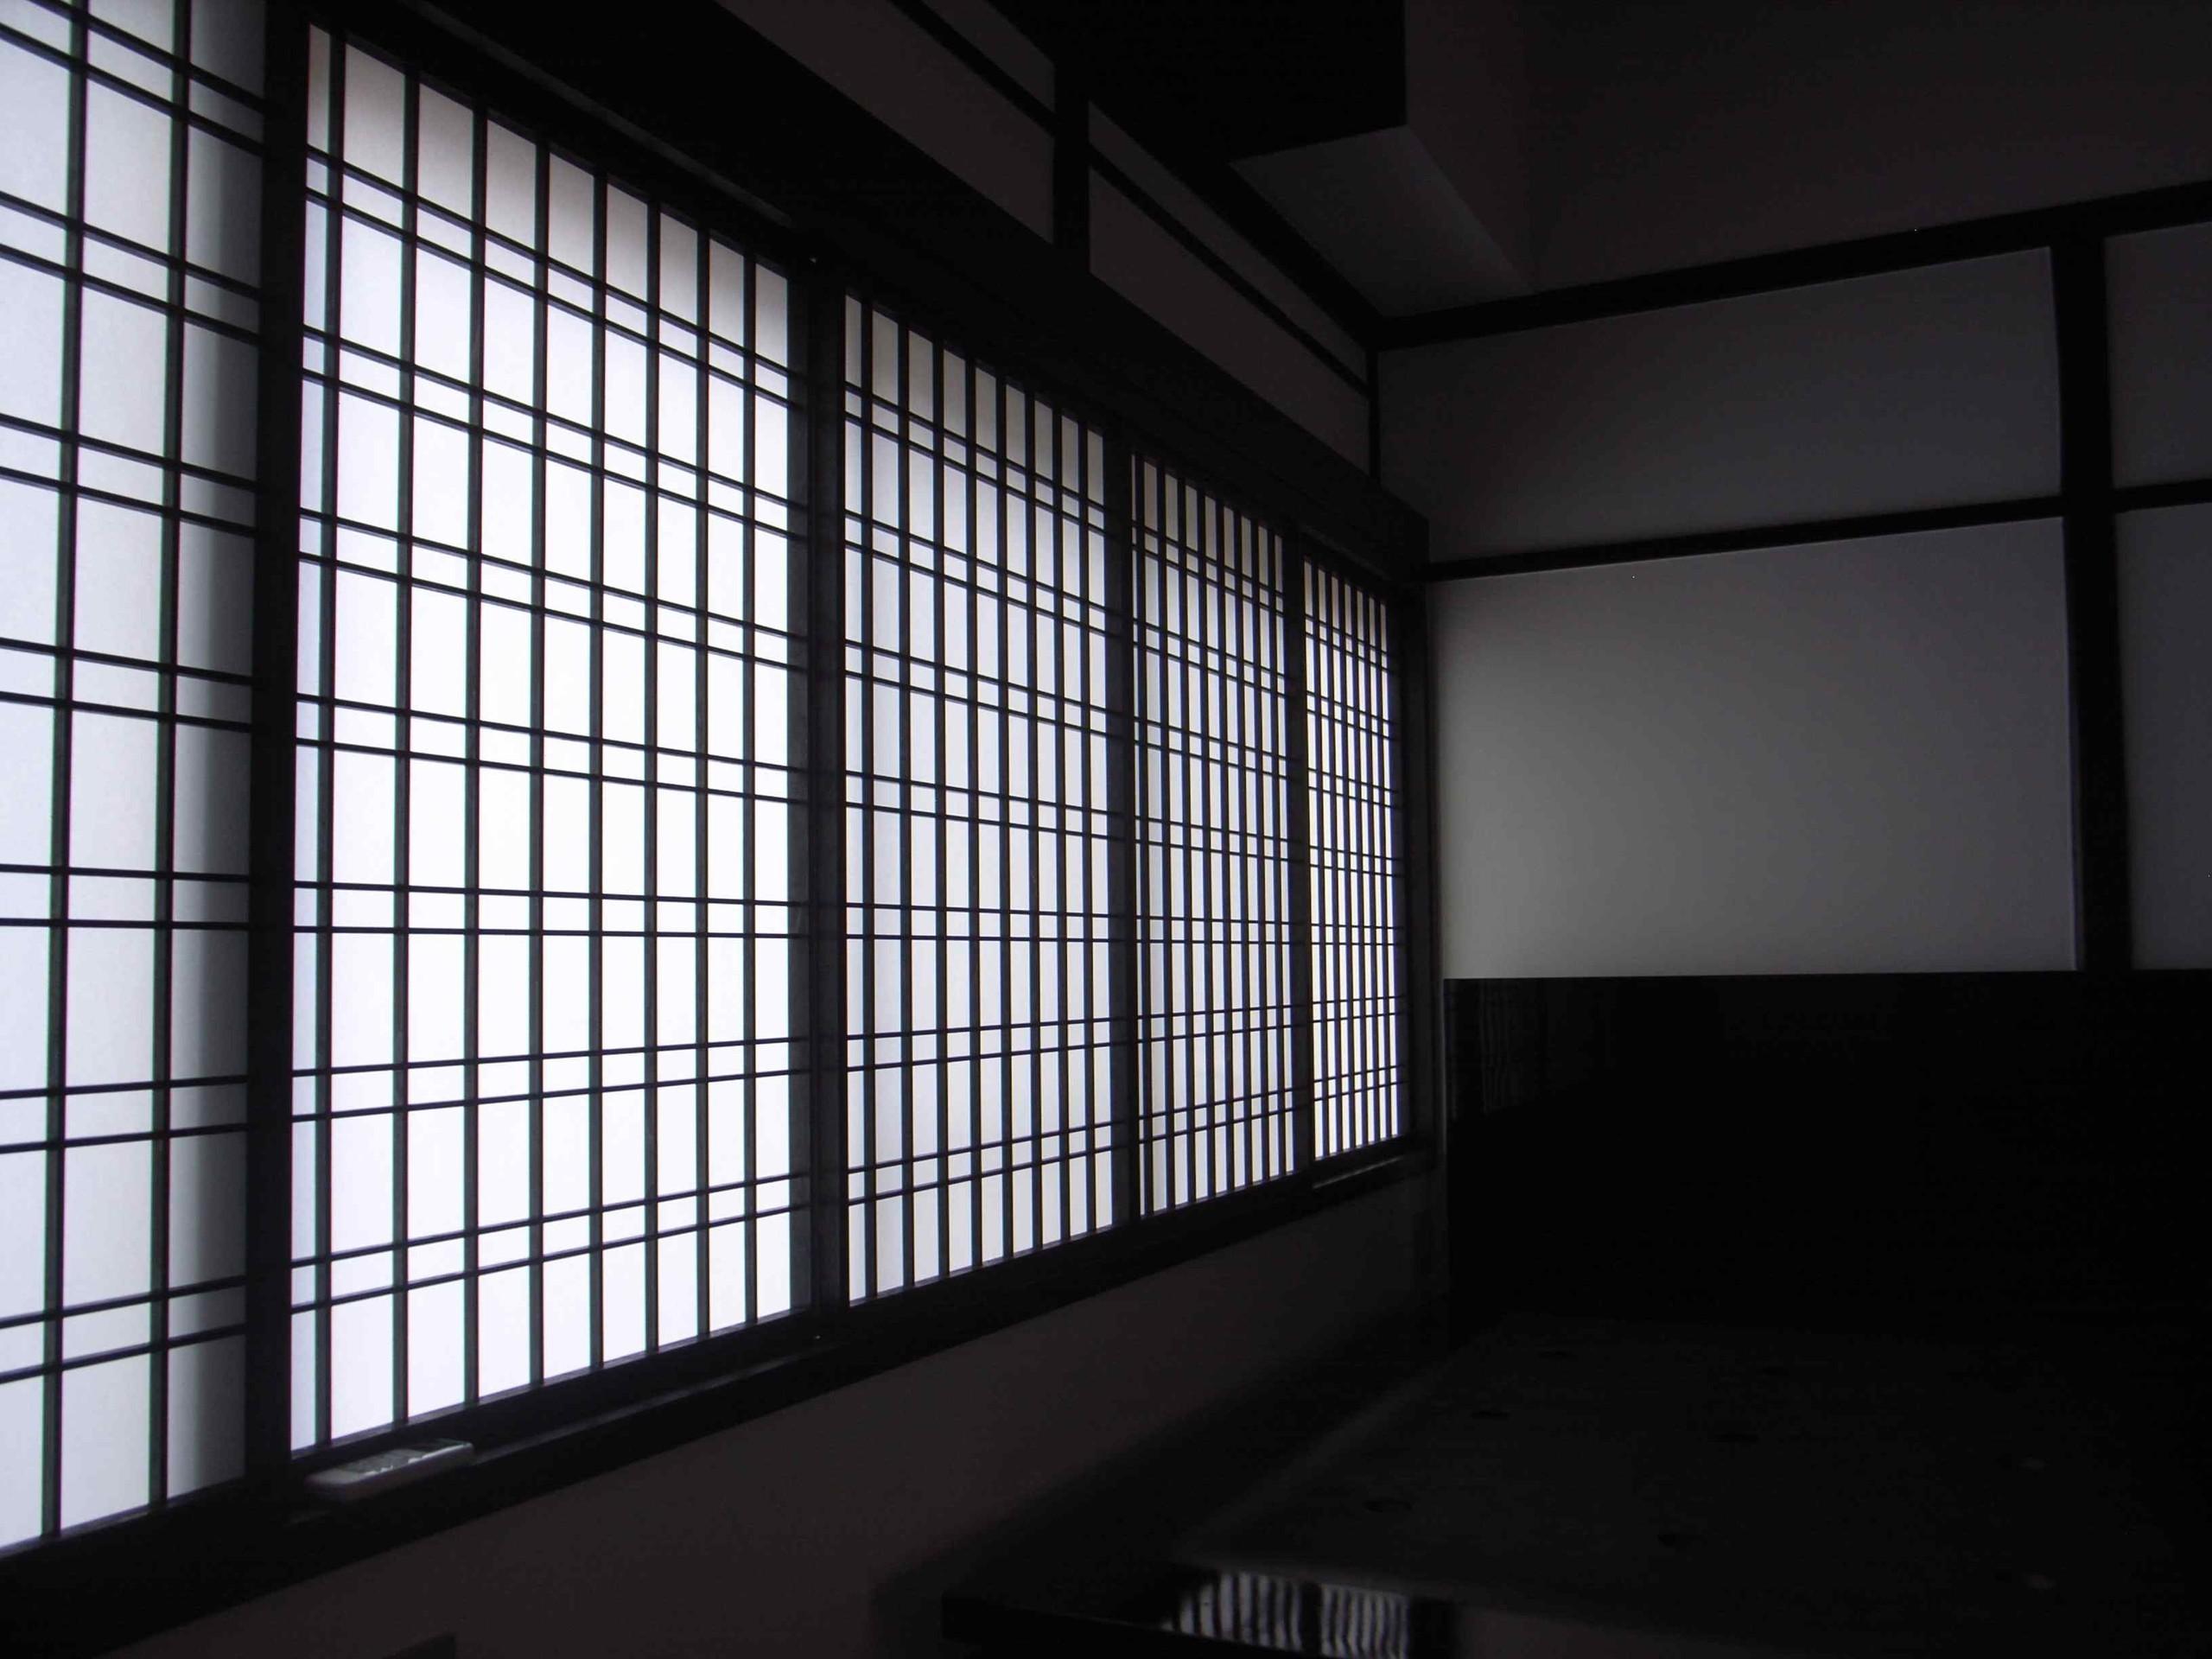 古民家リノベーション-A -京町家の宿泊施設-の建築事例写真